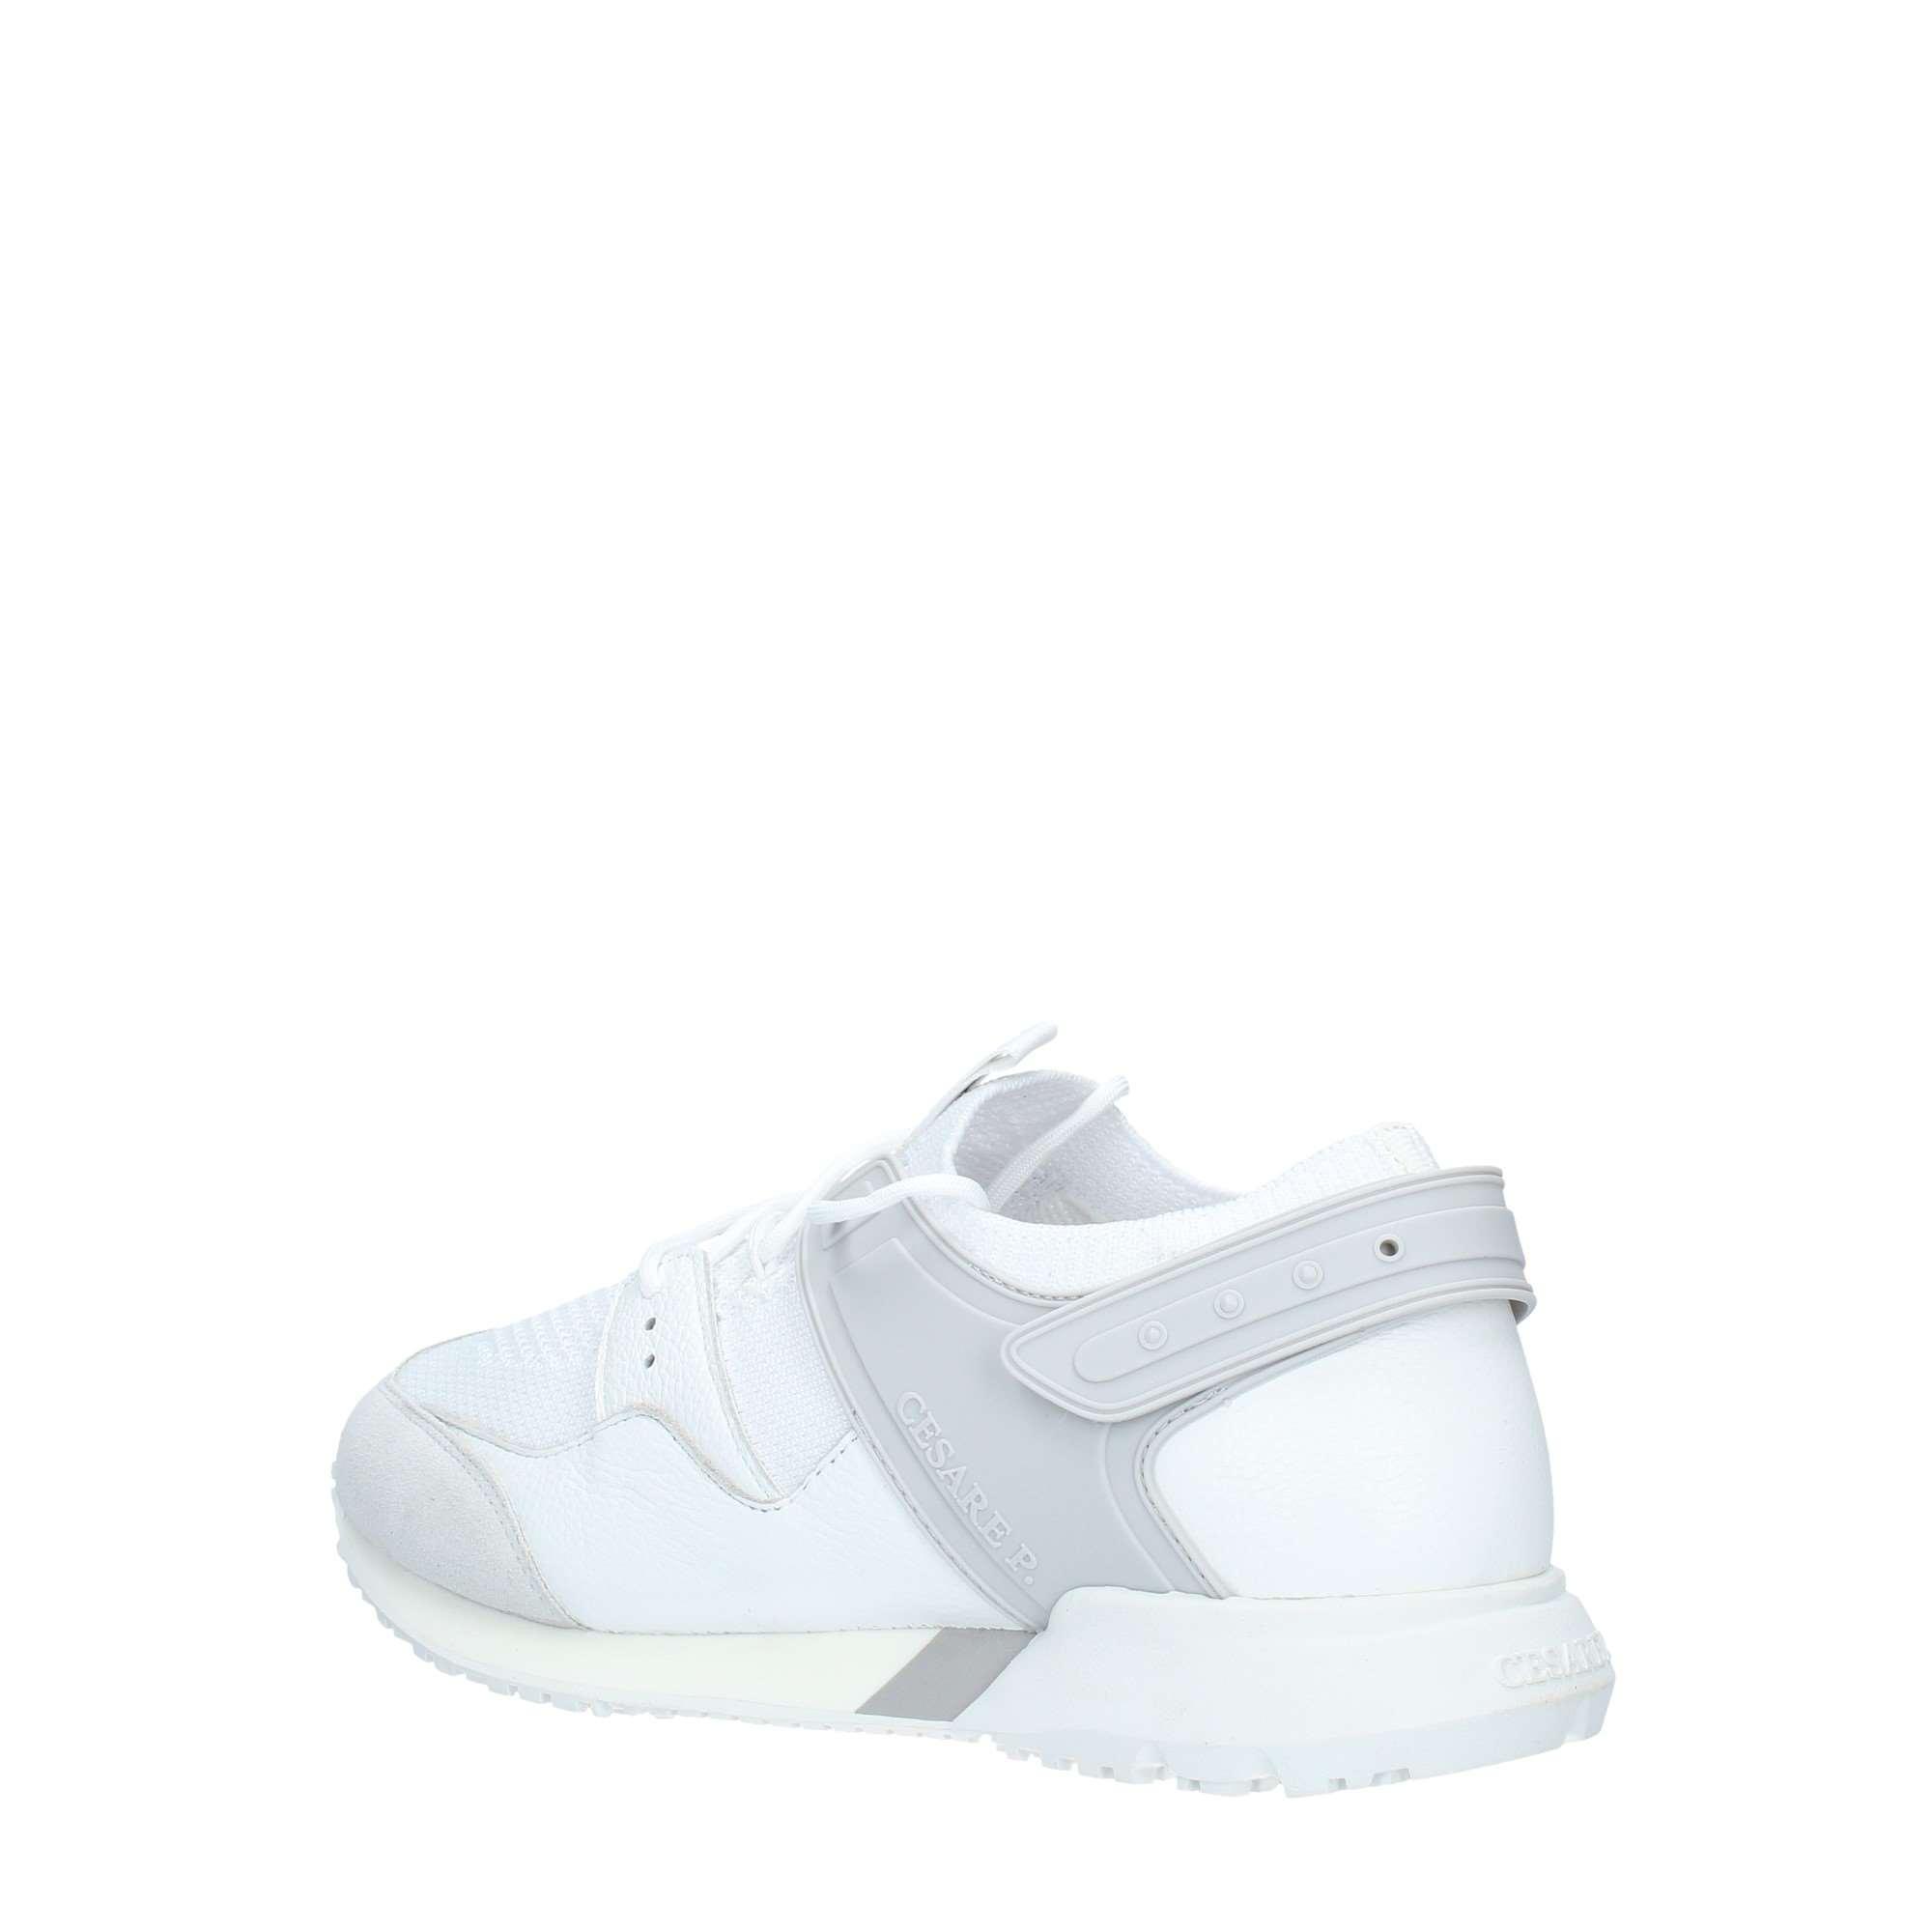 Dettagli su Cesare p. by paciotti Uomo PETOV152 Sneakers PrimaveraEstate